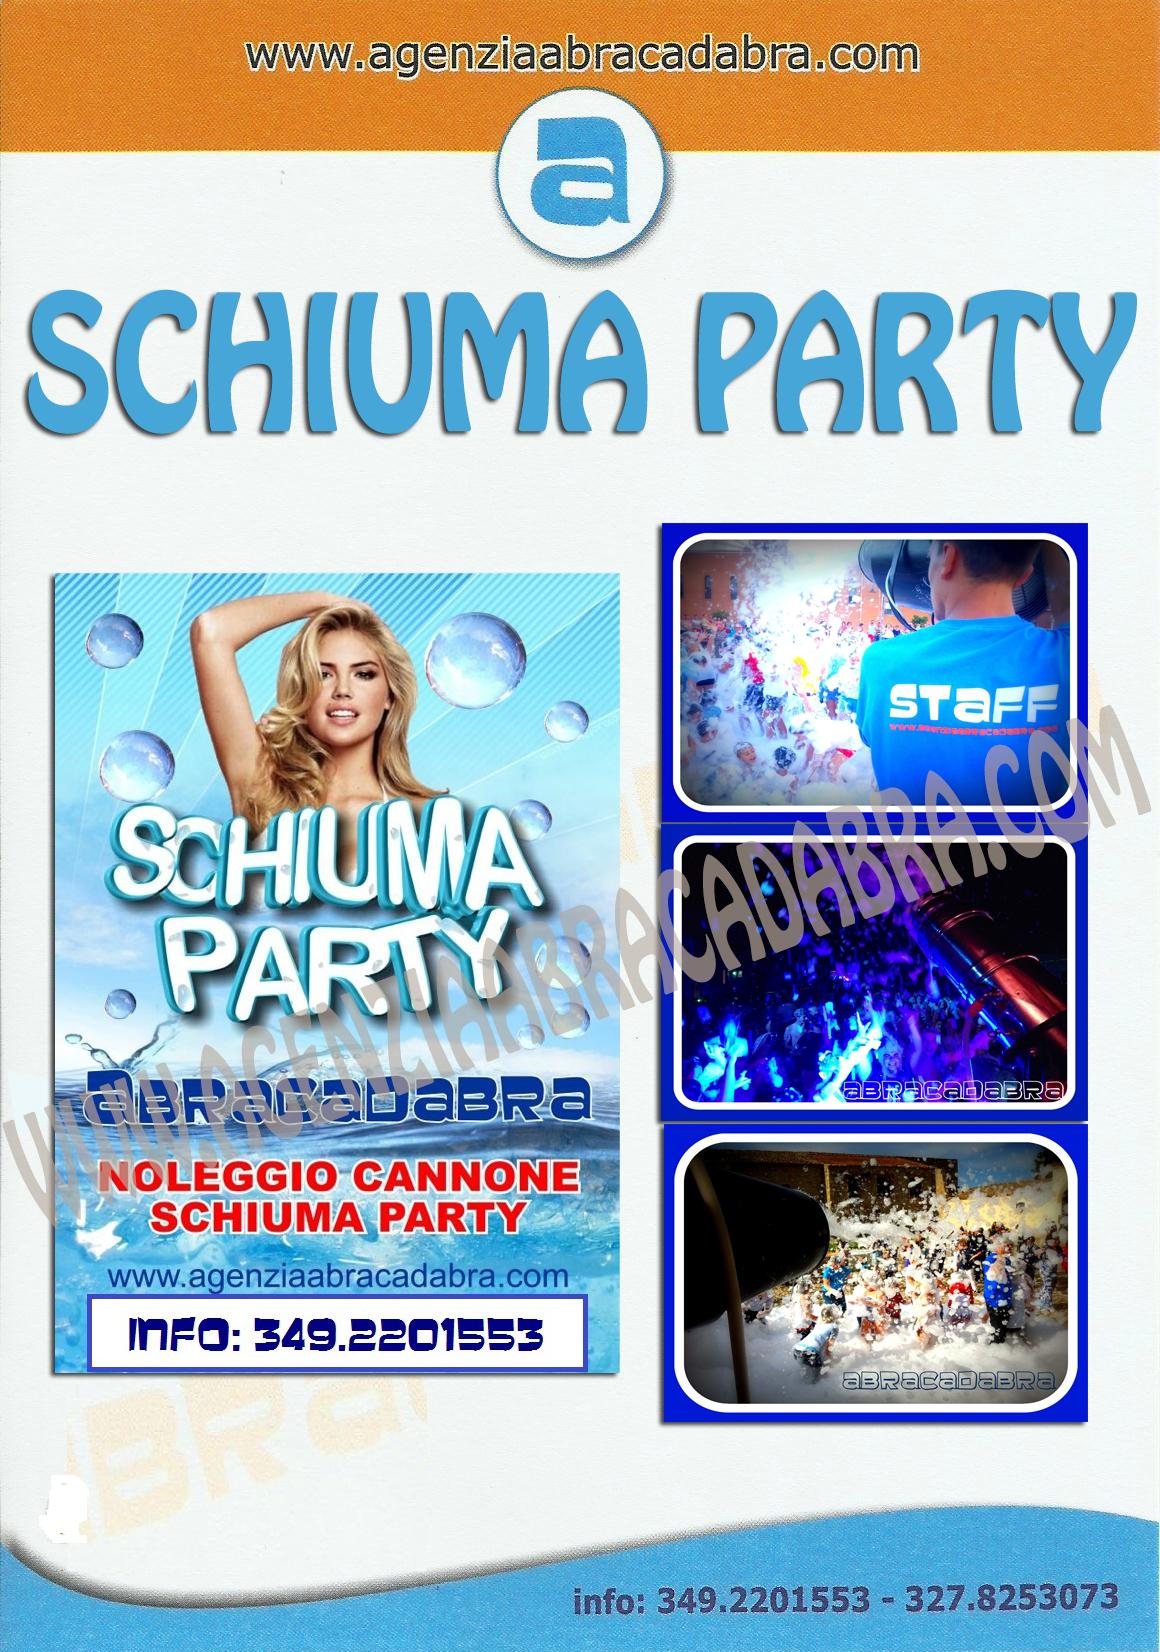 schiuma-party